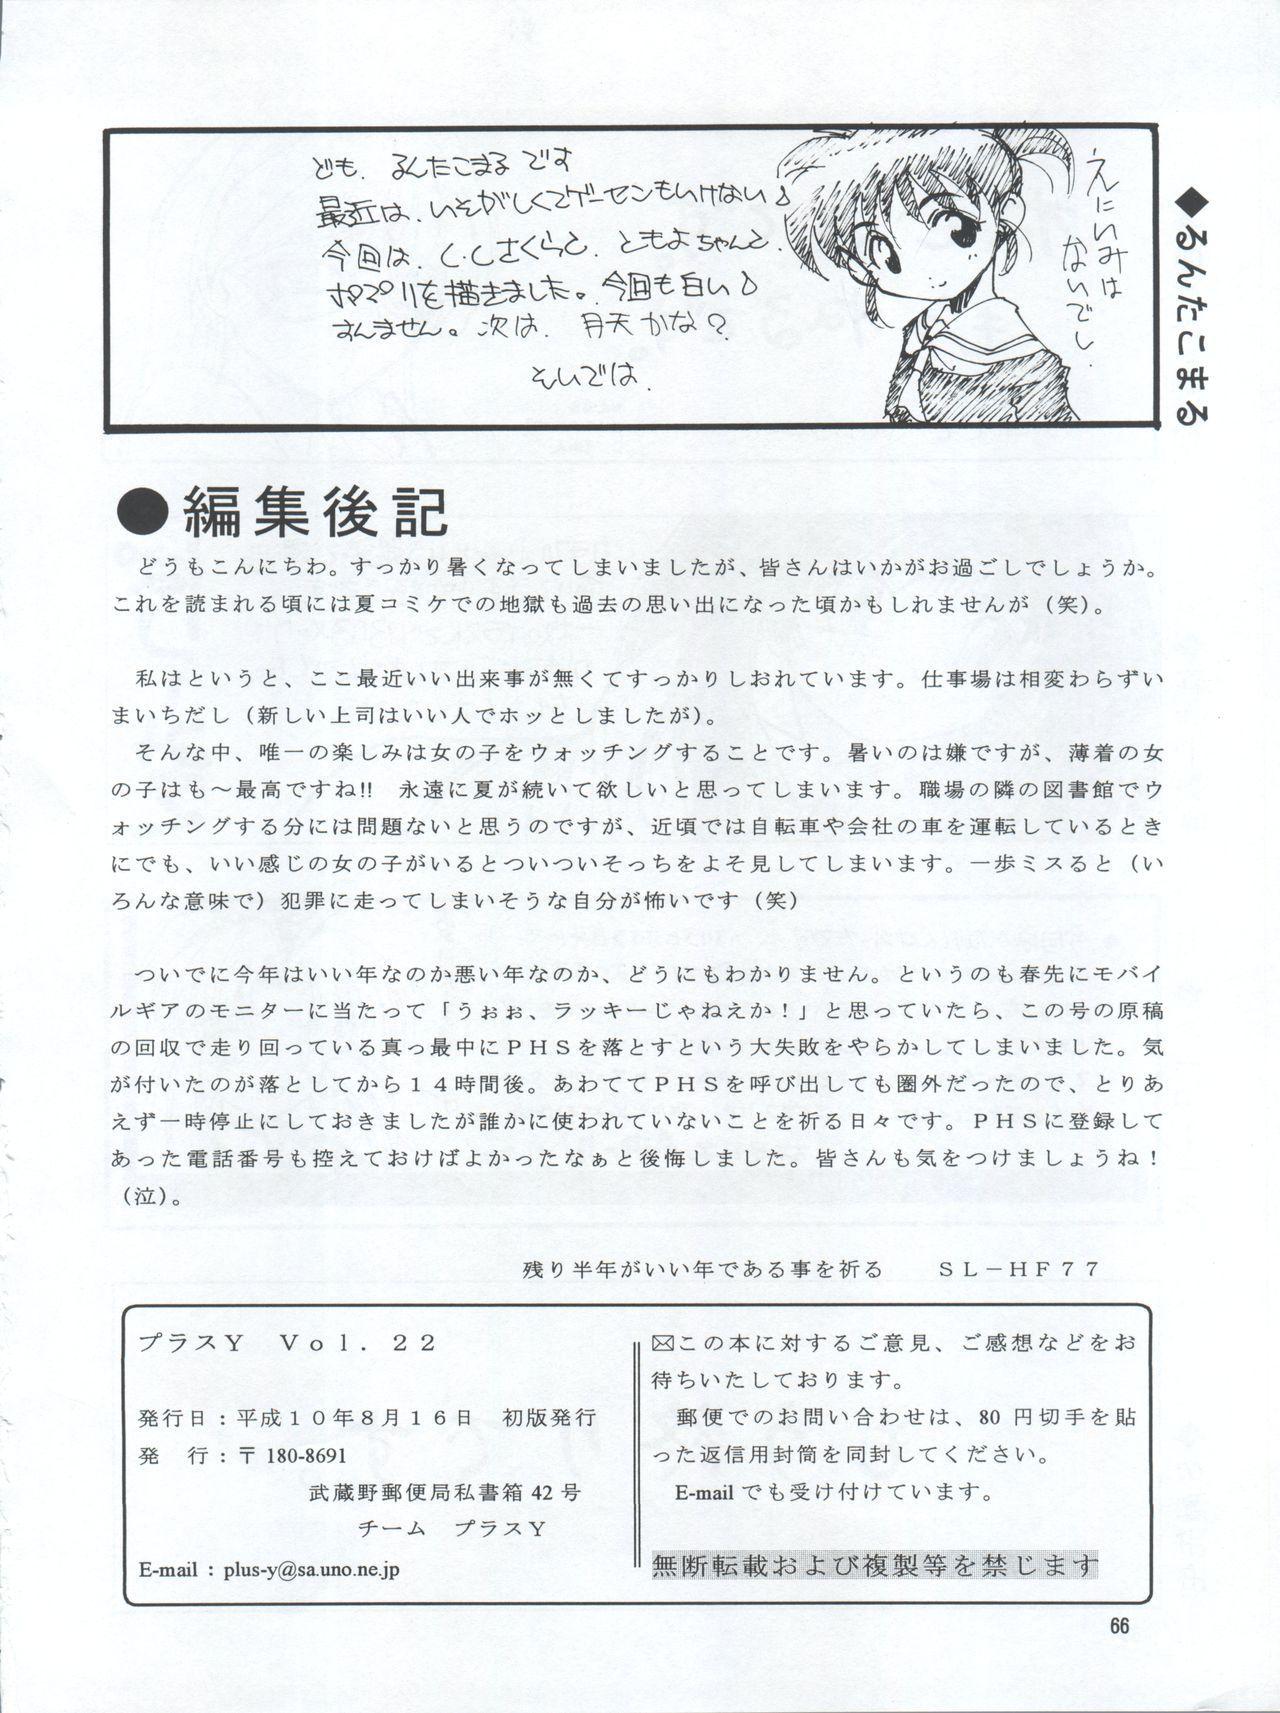 PLUS-Y Vol. 22 65